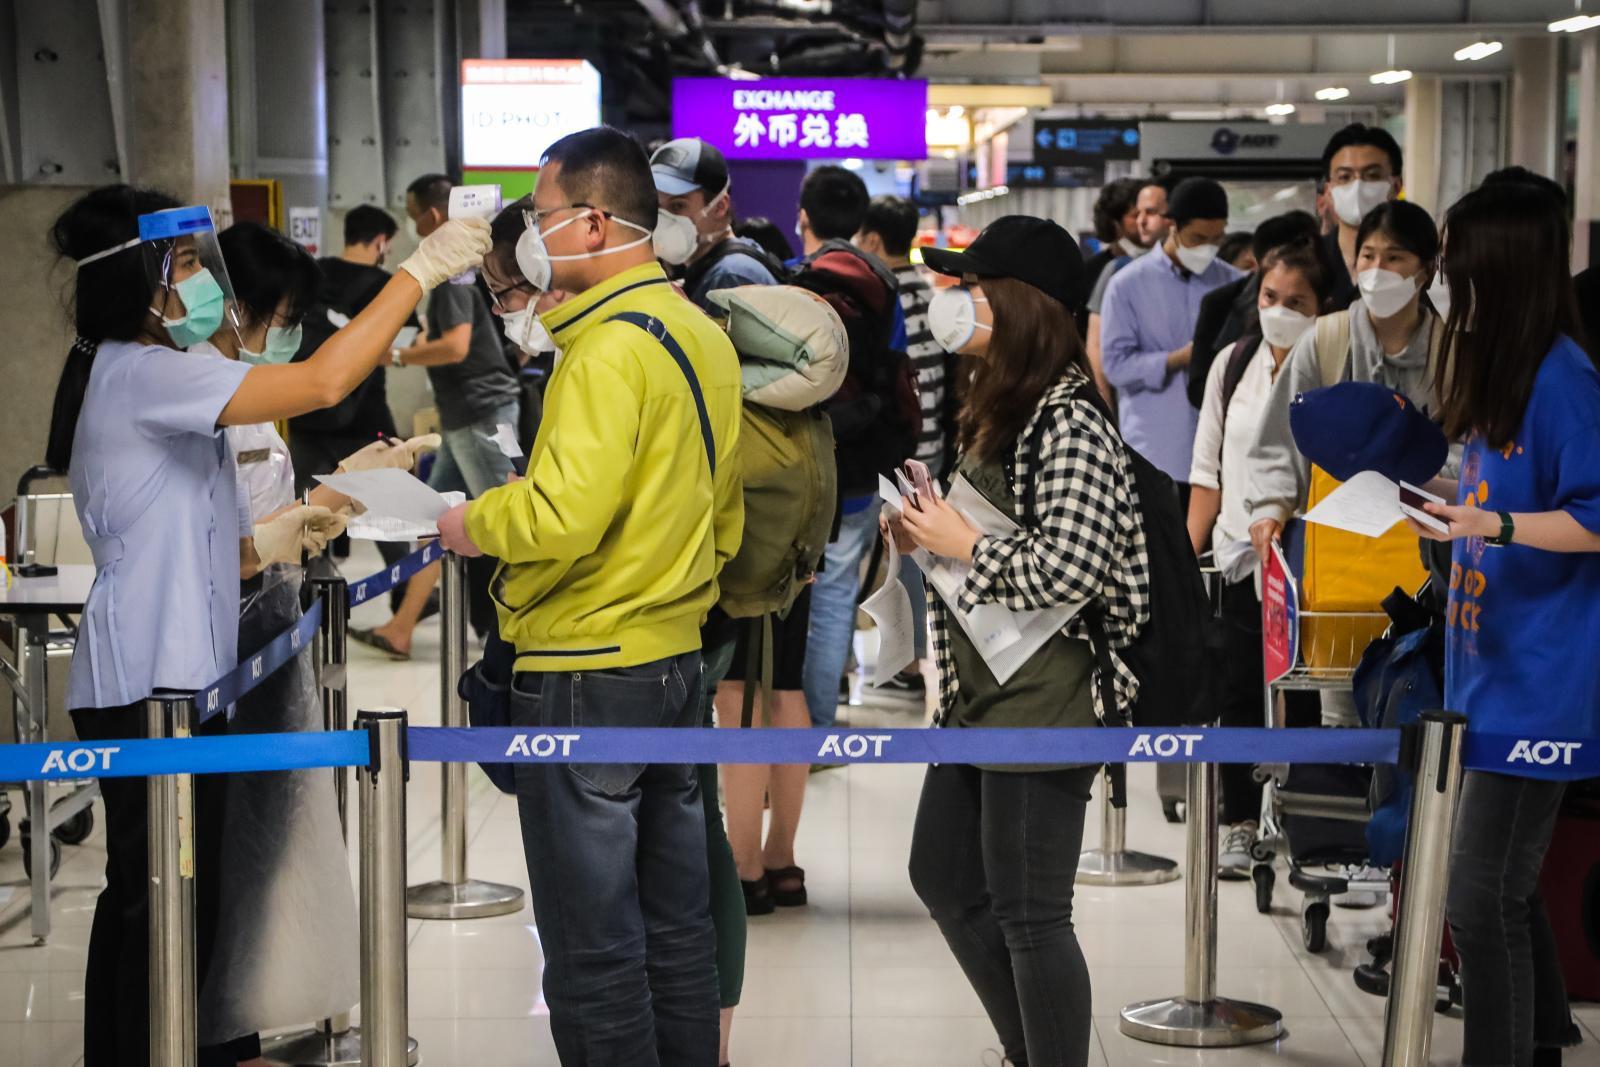 จีนเตรียมกลับมาออกวีซ่าท่องเที่ยวมาเก๊า